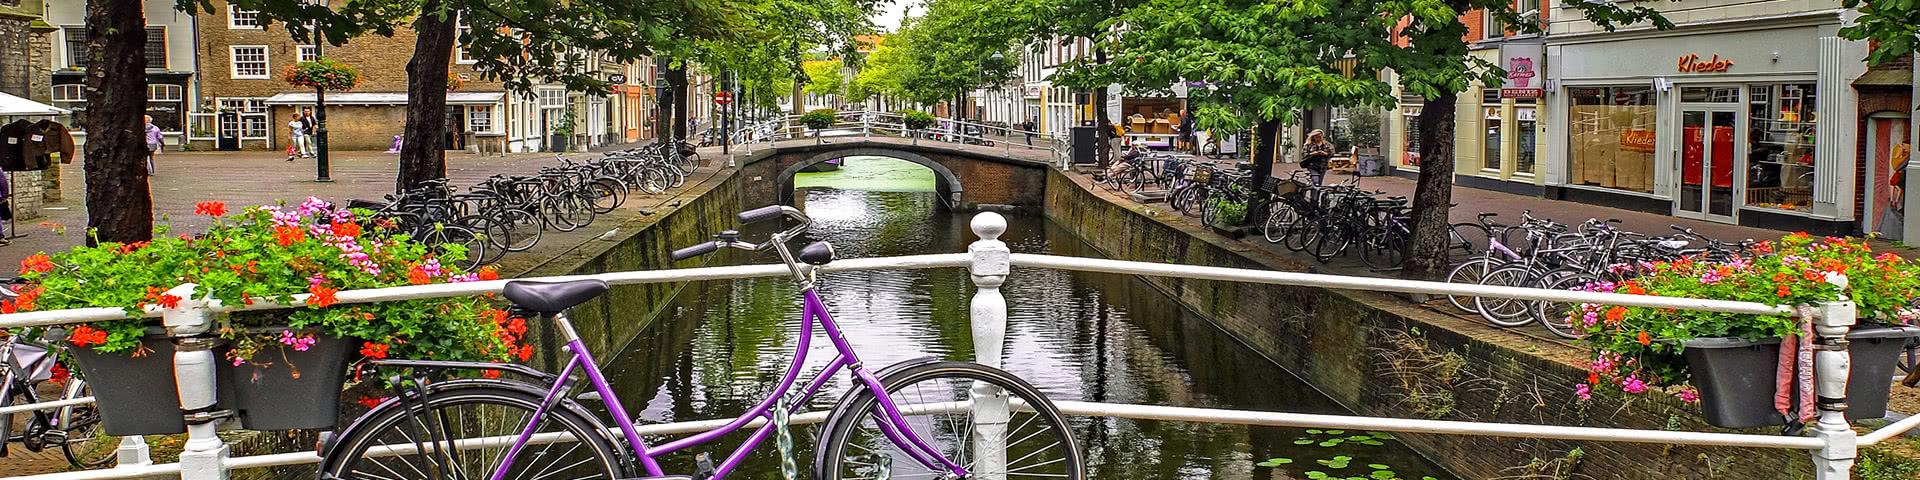 Lila Fahhrad auf einer Brücke in der Altstadt von Delft